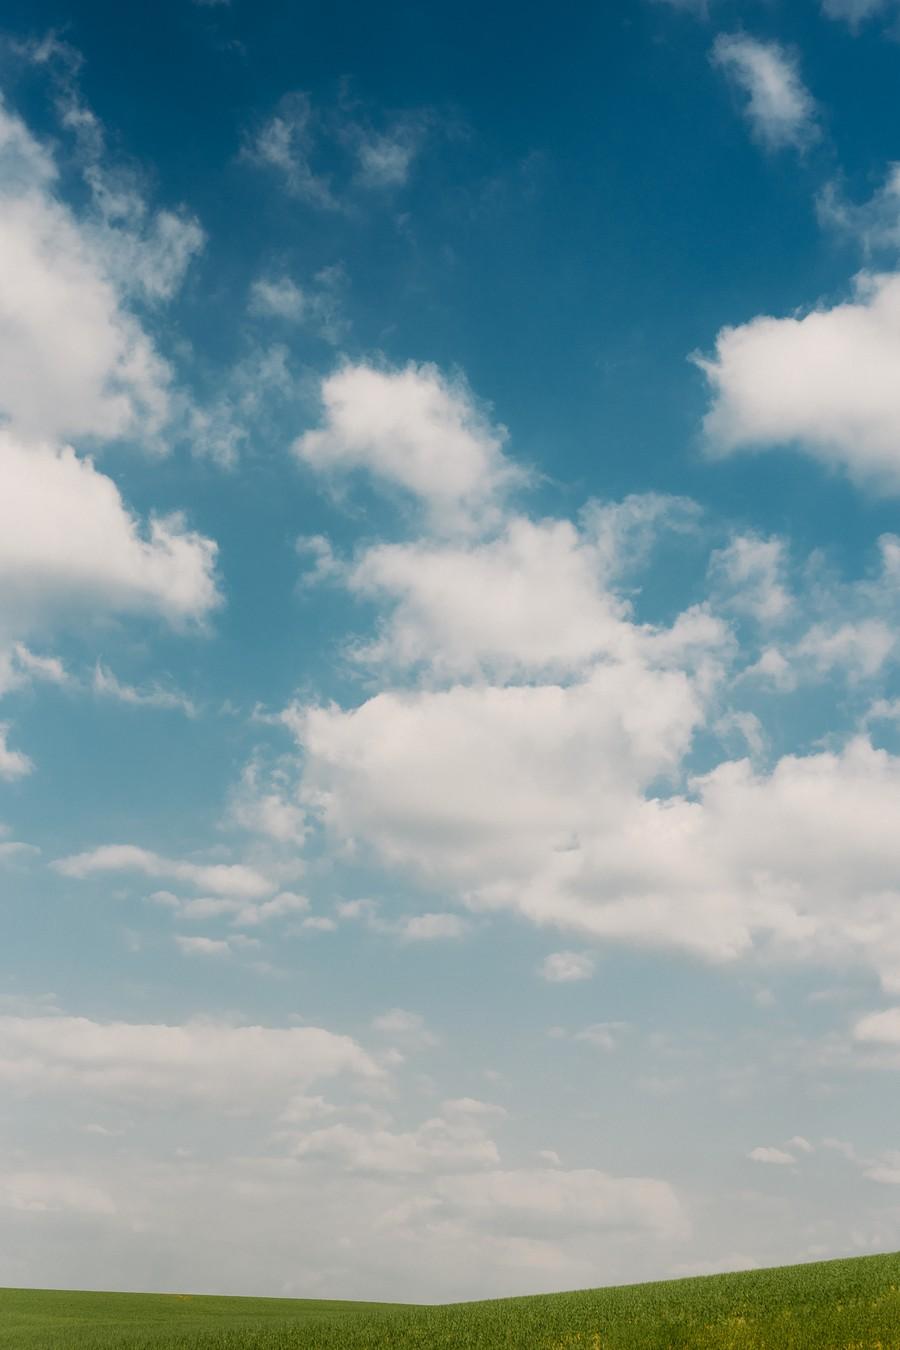 paysage horizon vert bleu ciel champ défi coronavirus confinement covid-19